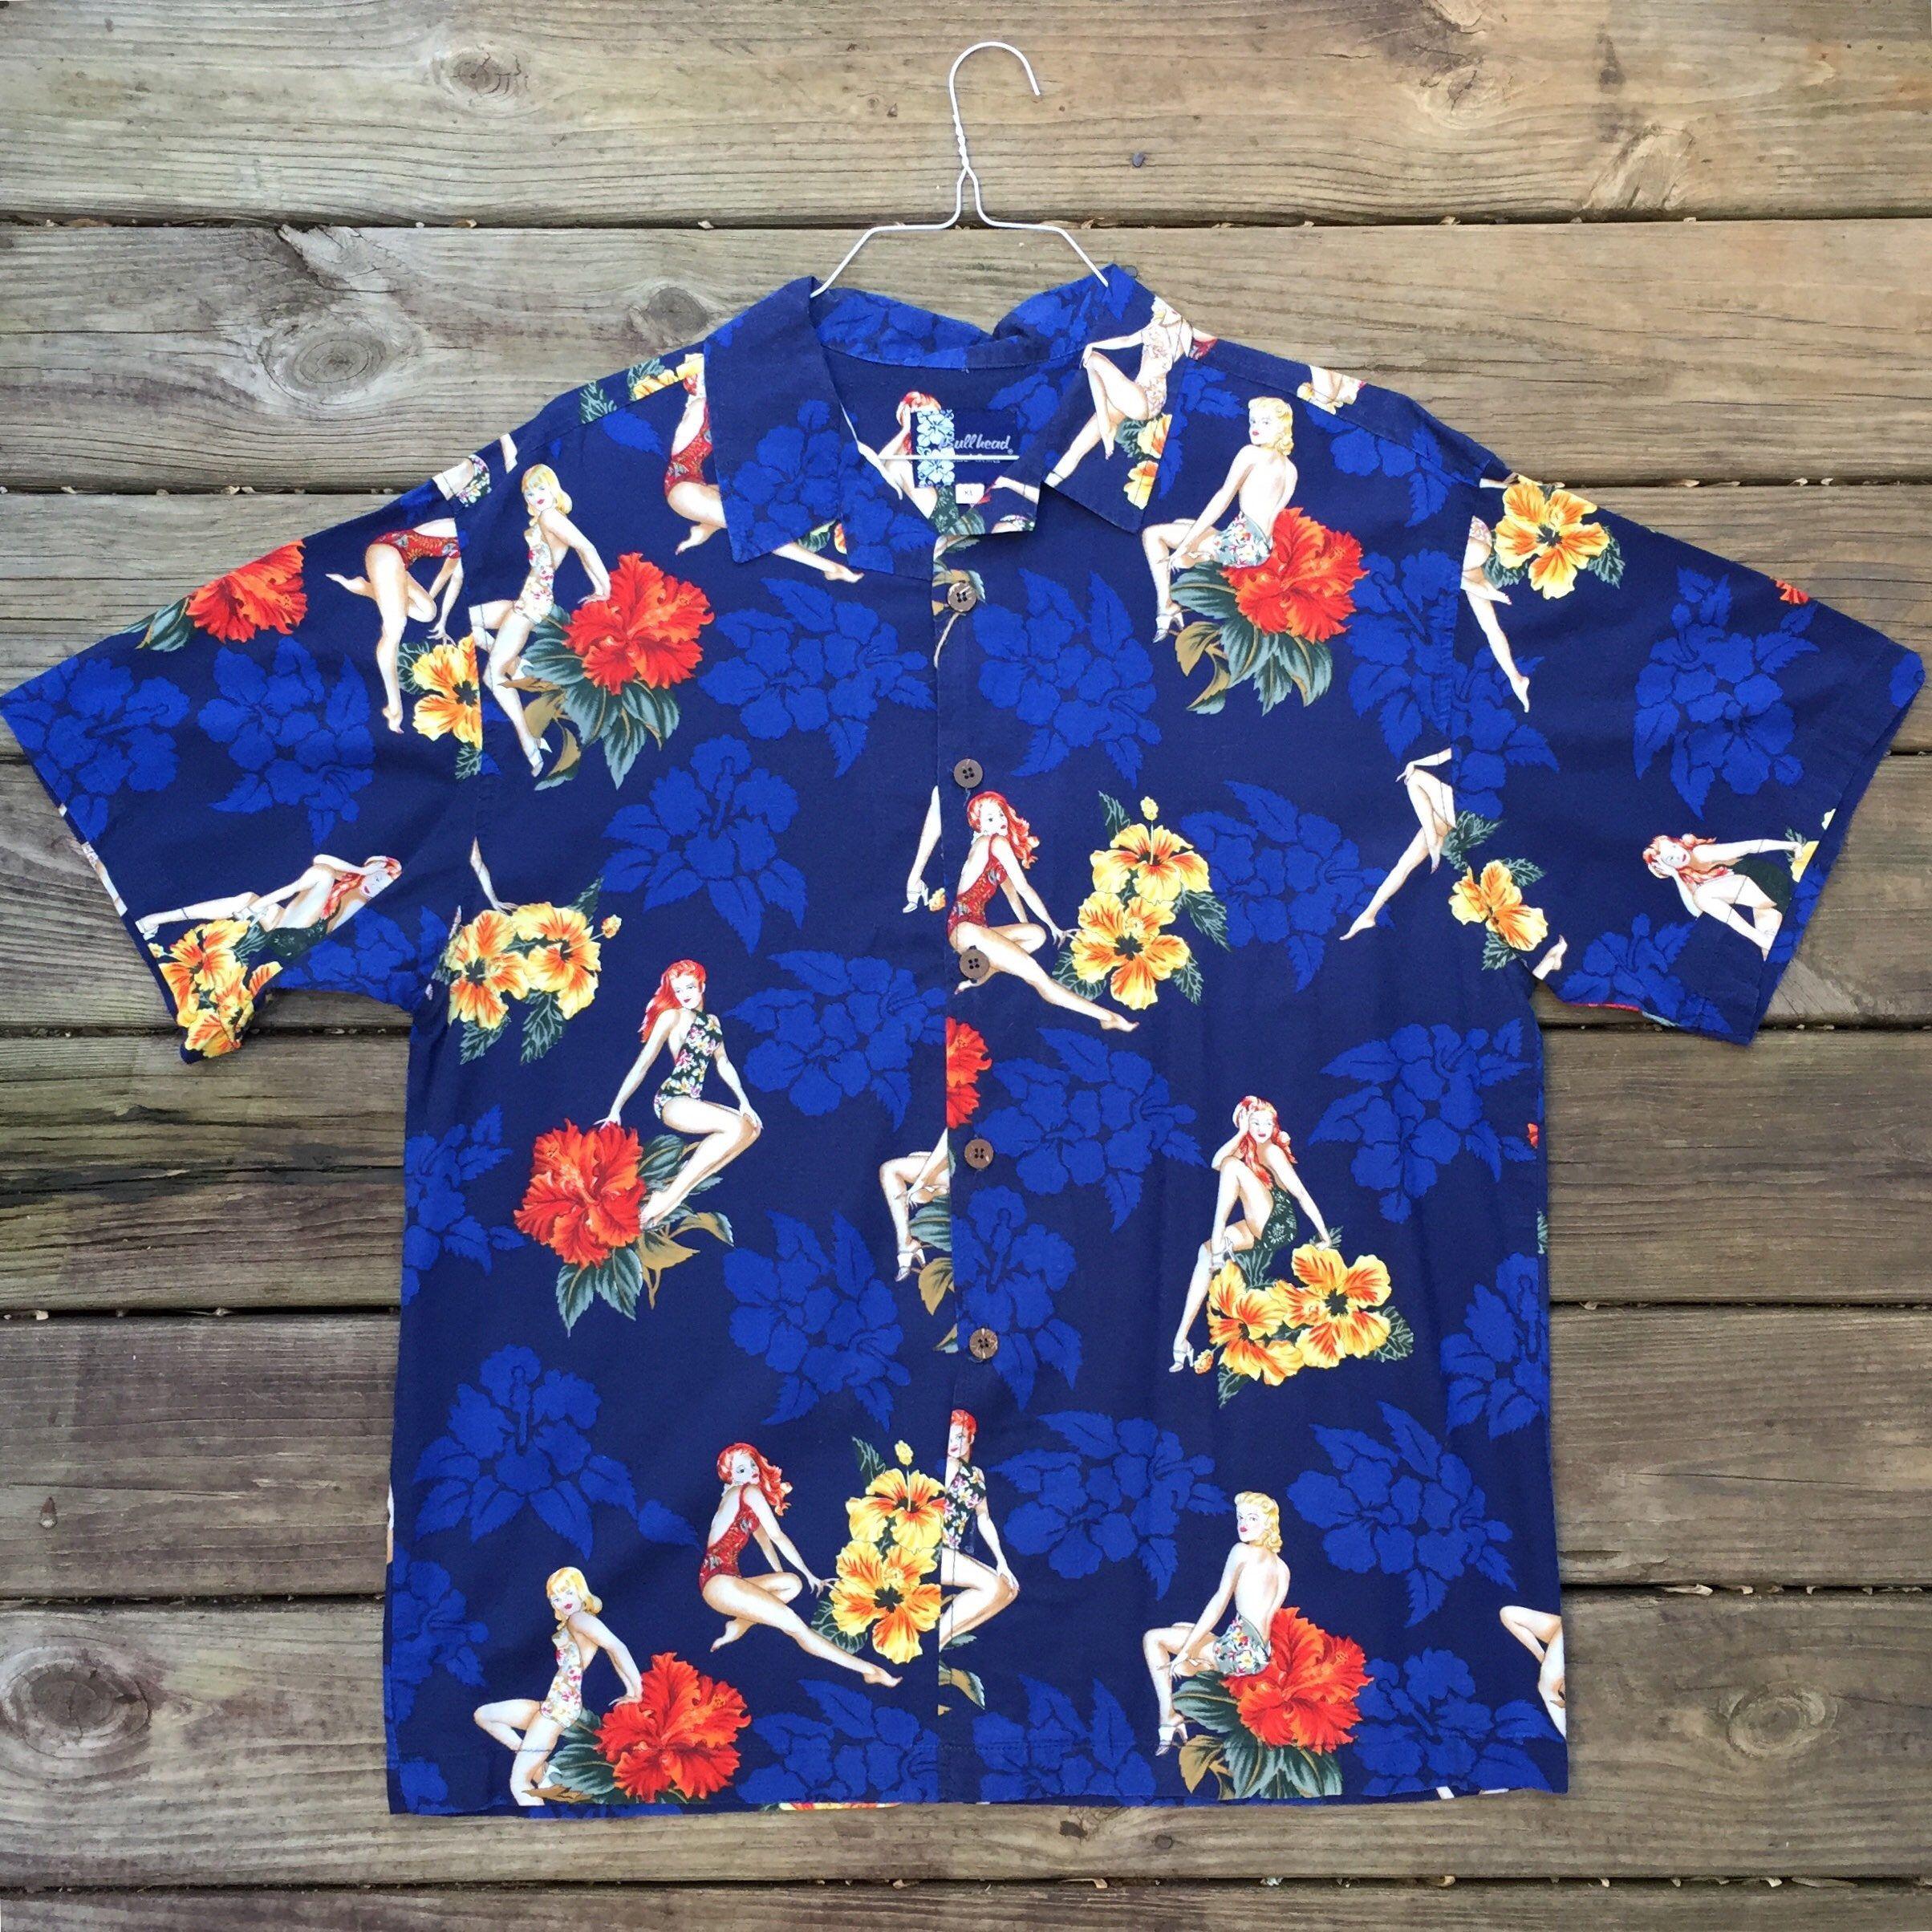 Bullhead Island Series Vintage Dark Green Orange Flowers Men's Hawaiian Shirt. Size L 3pkipiB6M5